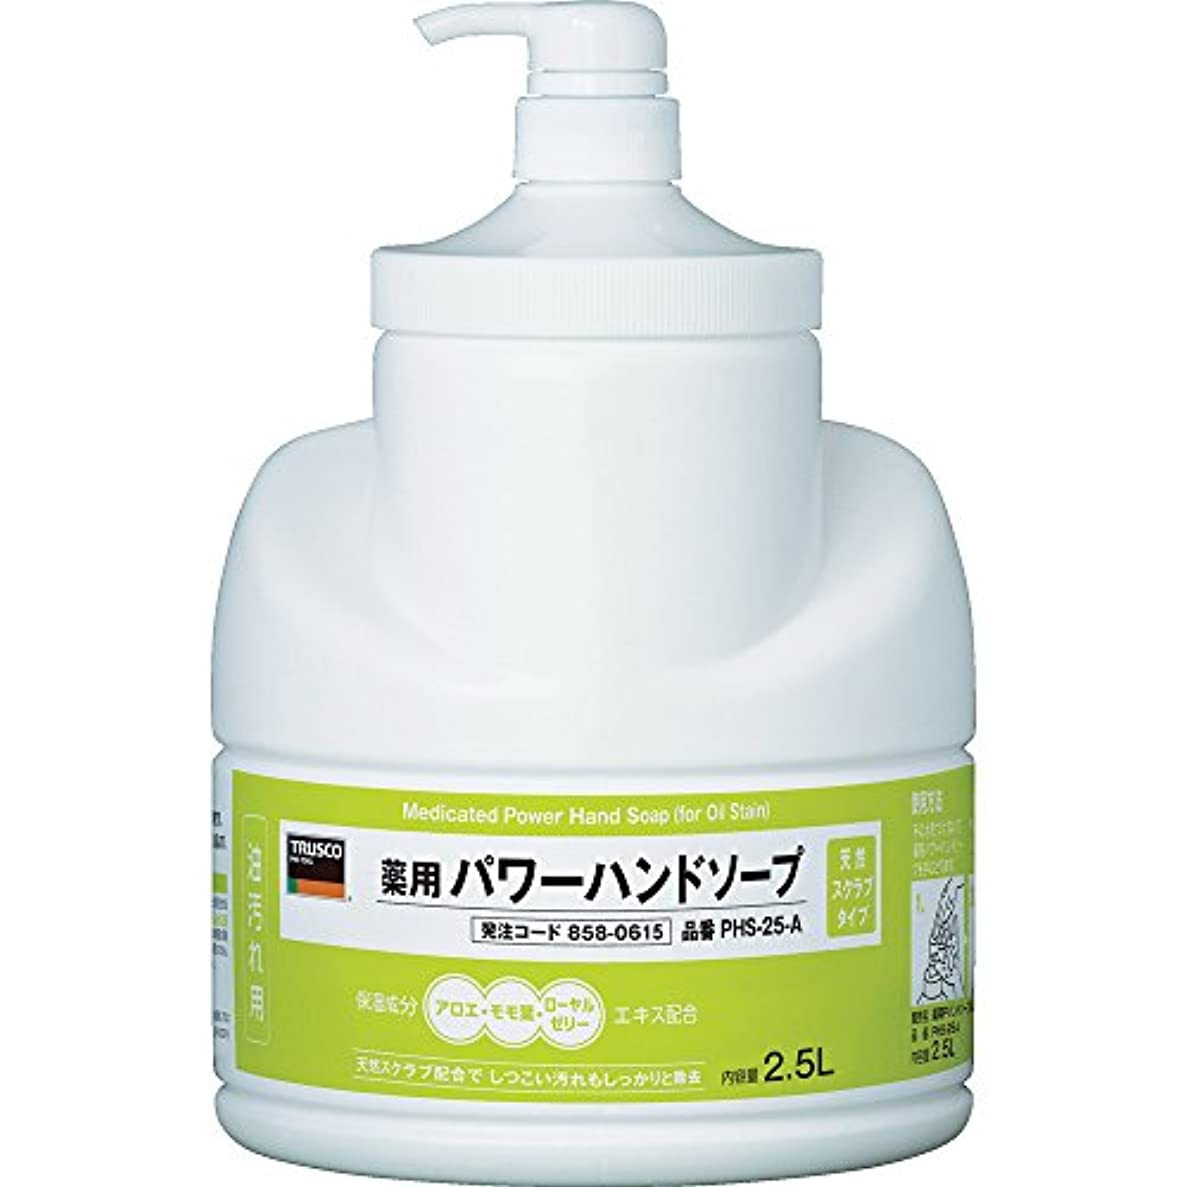 区画マウスピースマグTRUSCO(トラスコ) 薬用パワーハンドソープポンプボトル 2.5L PHS-25-A